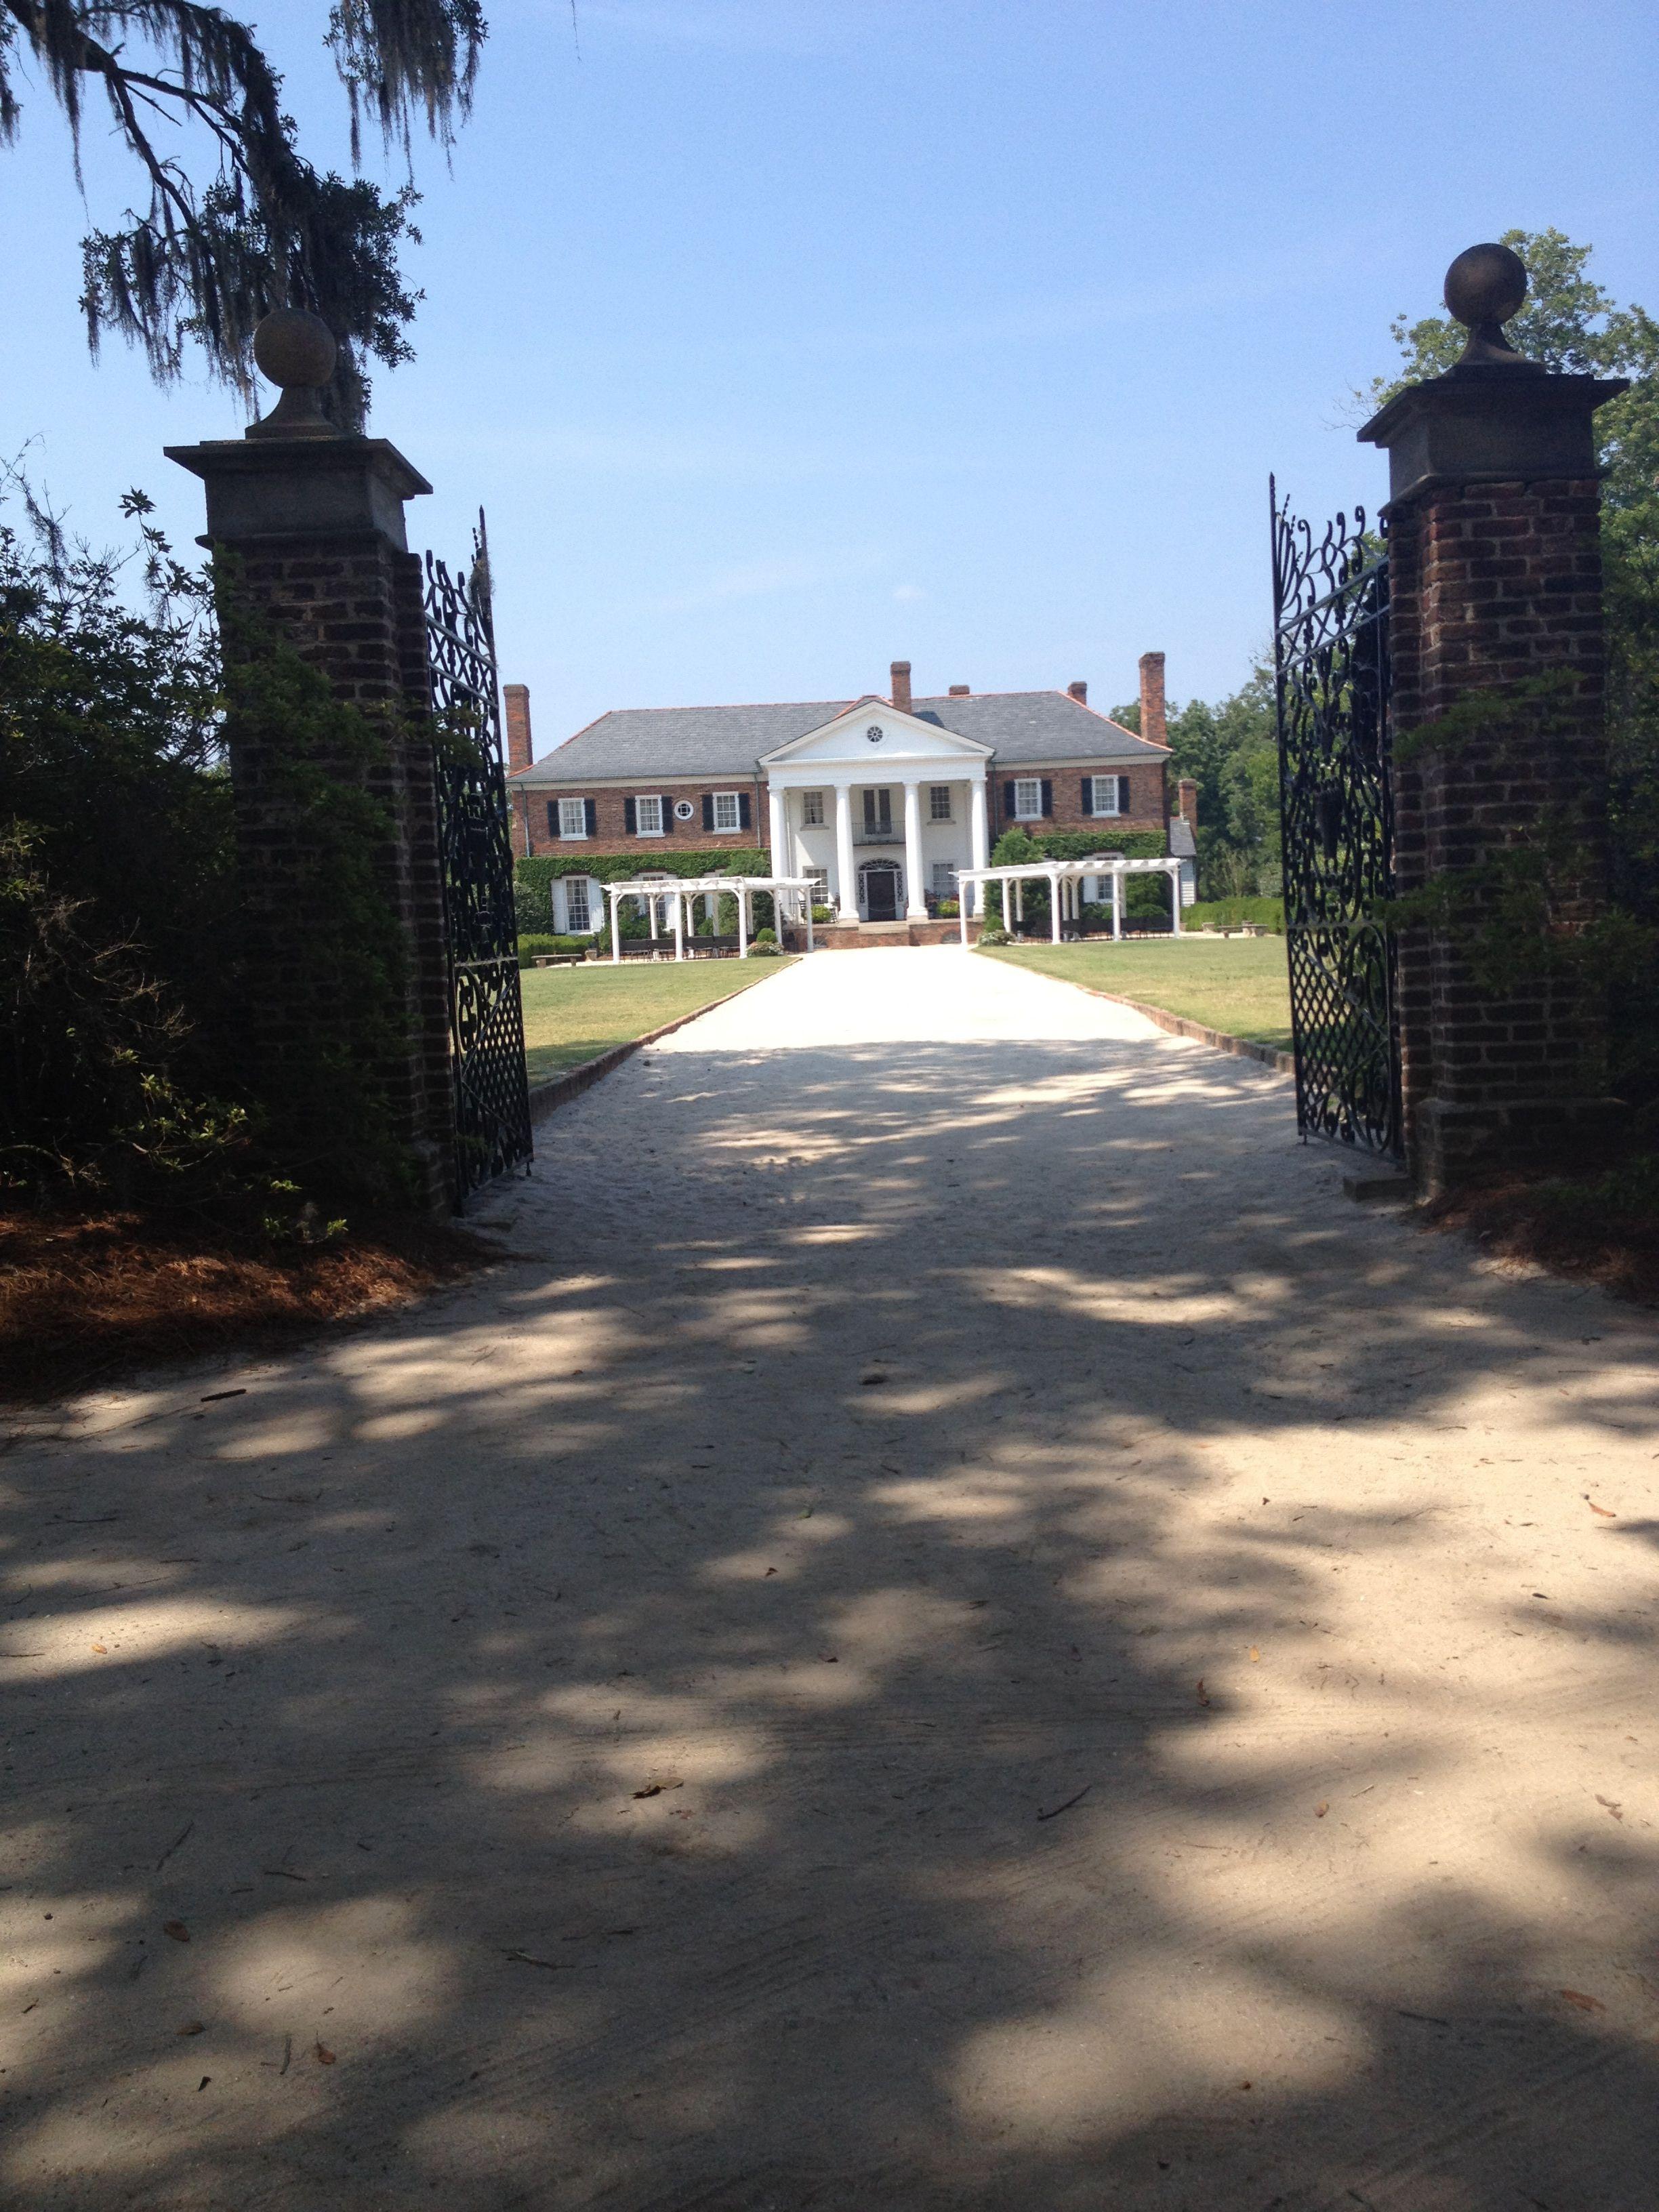 0bae69577044cb262066f83a9dbed69f - Boone Hall Plantation & Gardens Charleston Sc